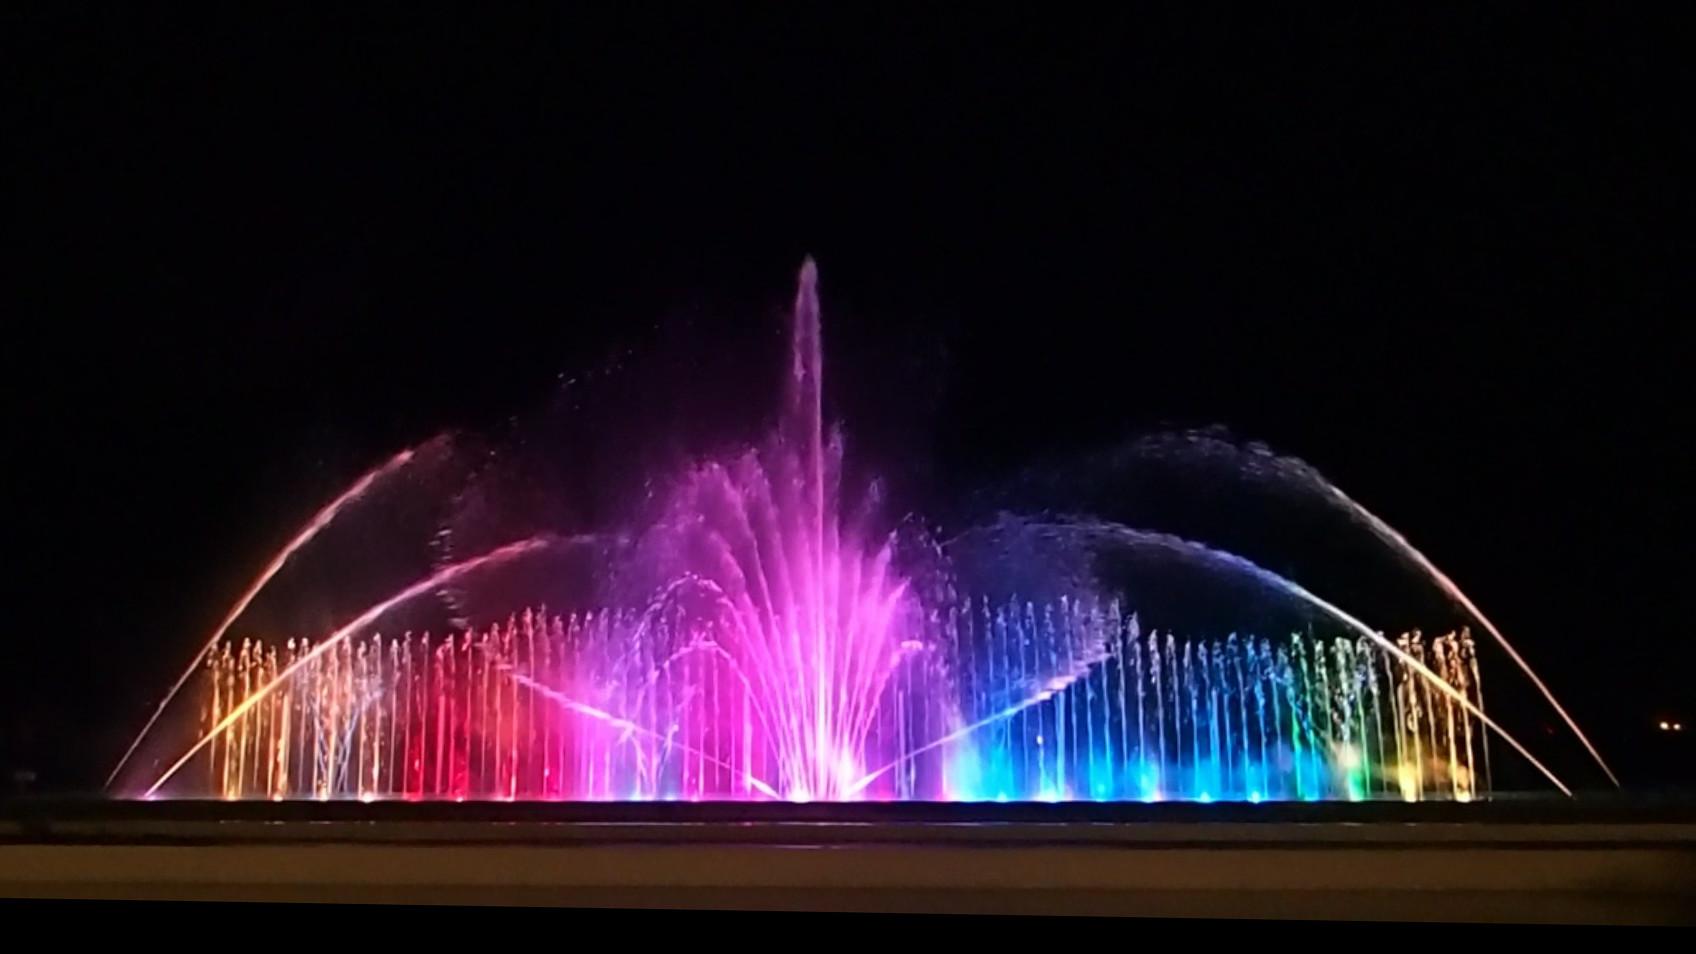 【噴水ショー】ホテル三日月・富士見亭 音楽噴水ショー テーマソング篇(千葉県)